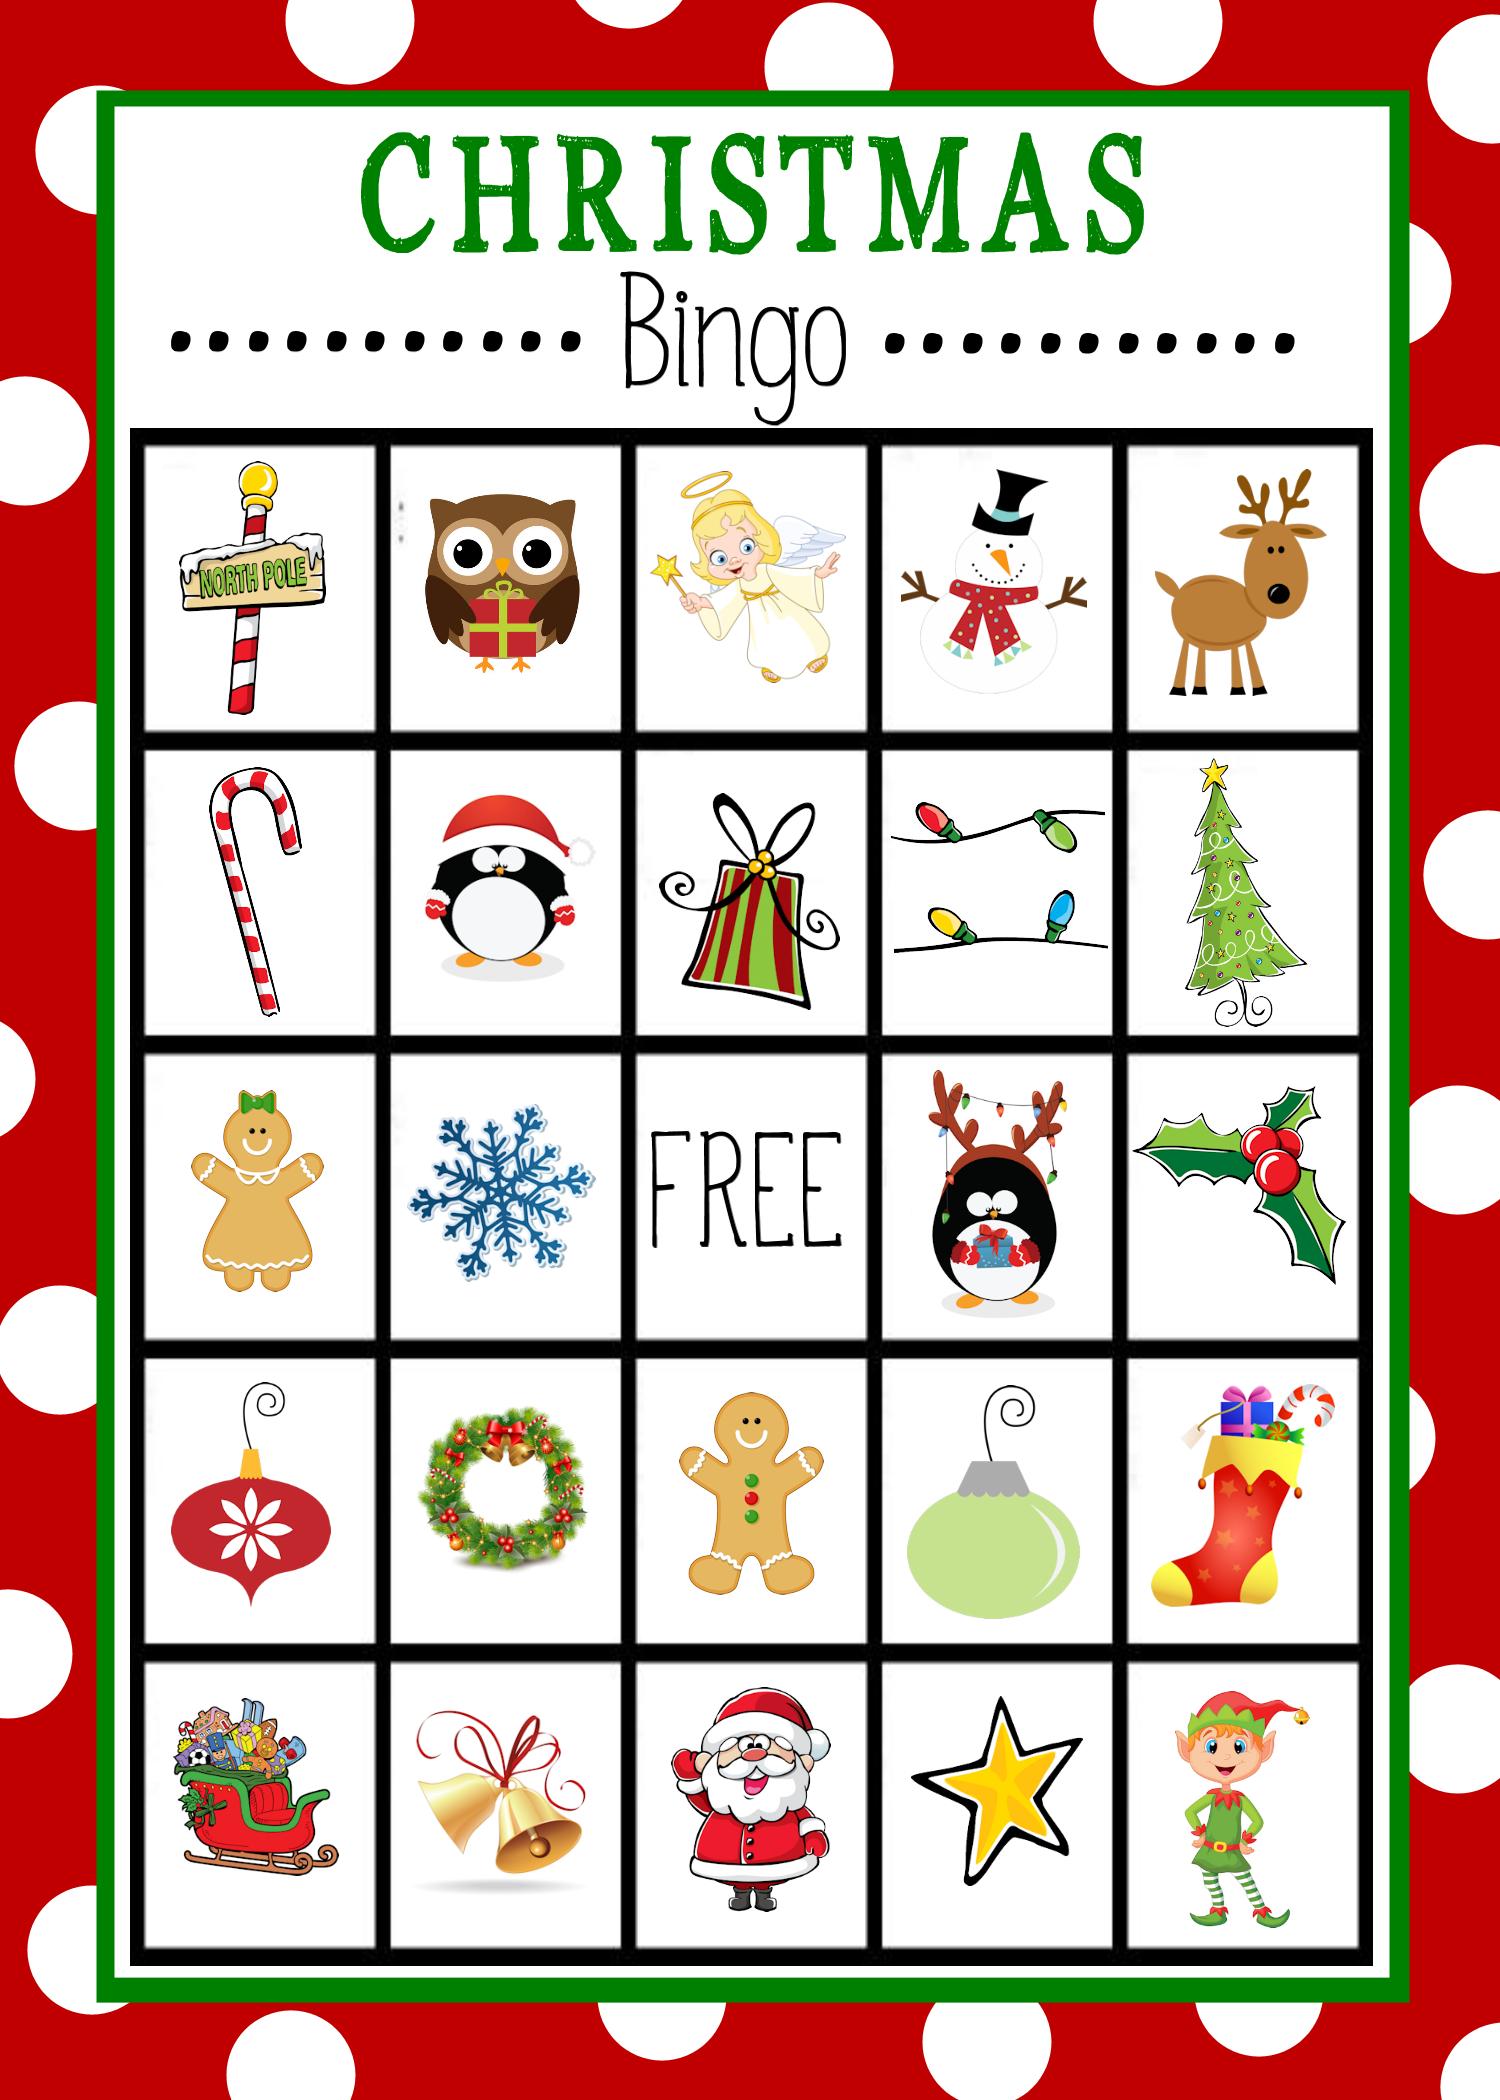 Free Printable Christmas Bingo Game | Christmas | Pinterest - Free Printable Christmas Bingo